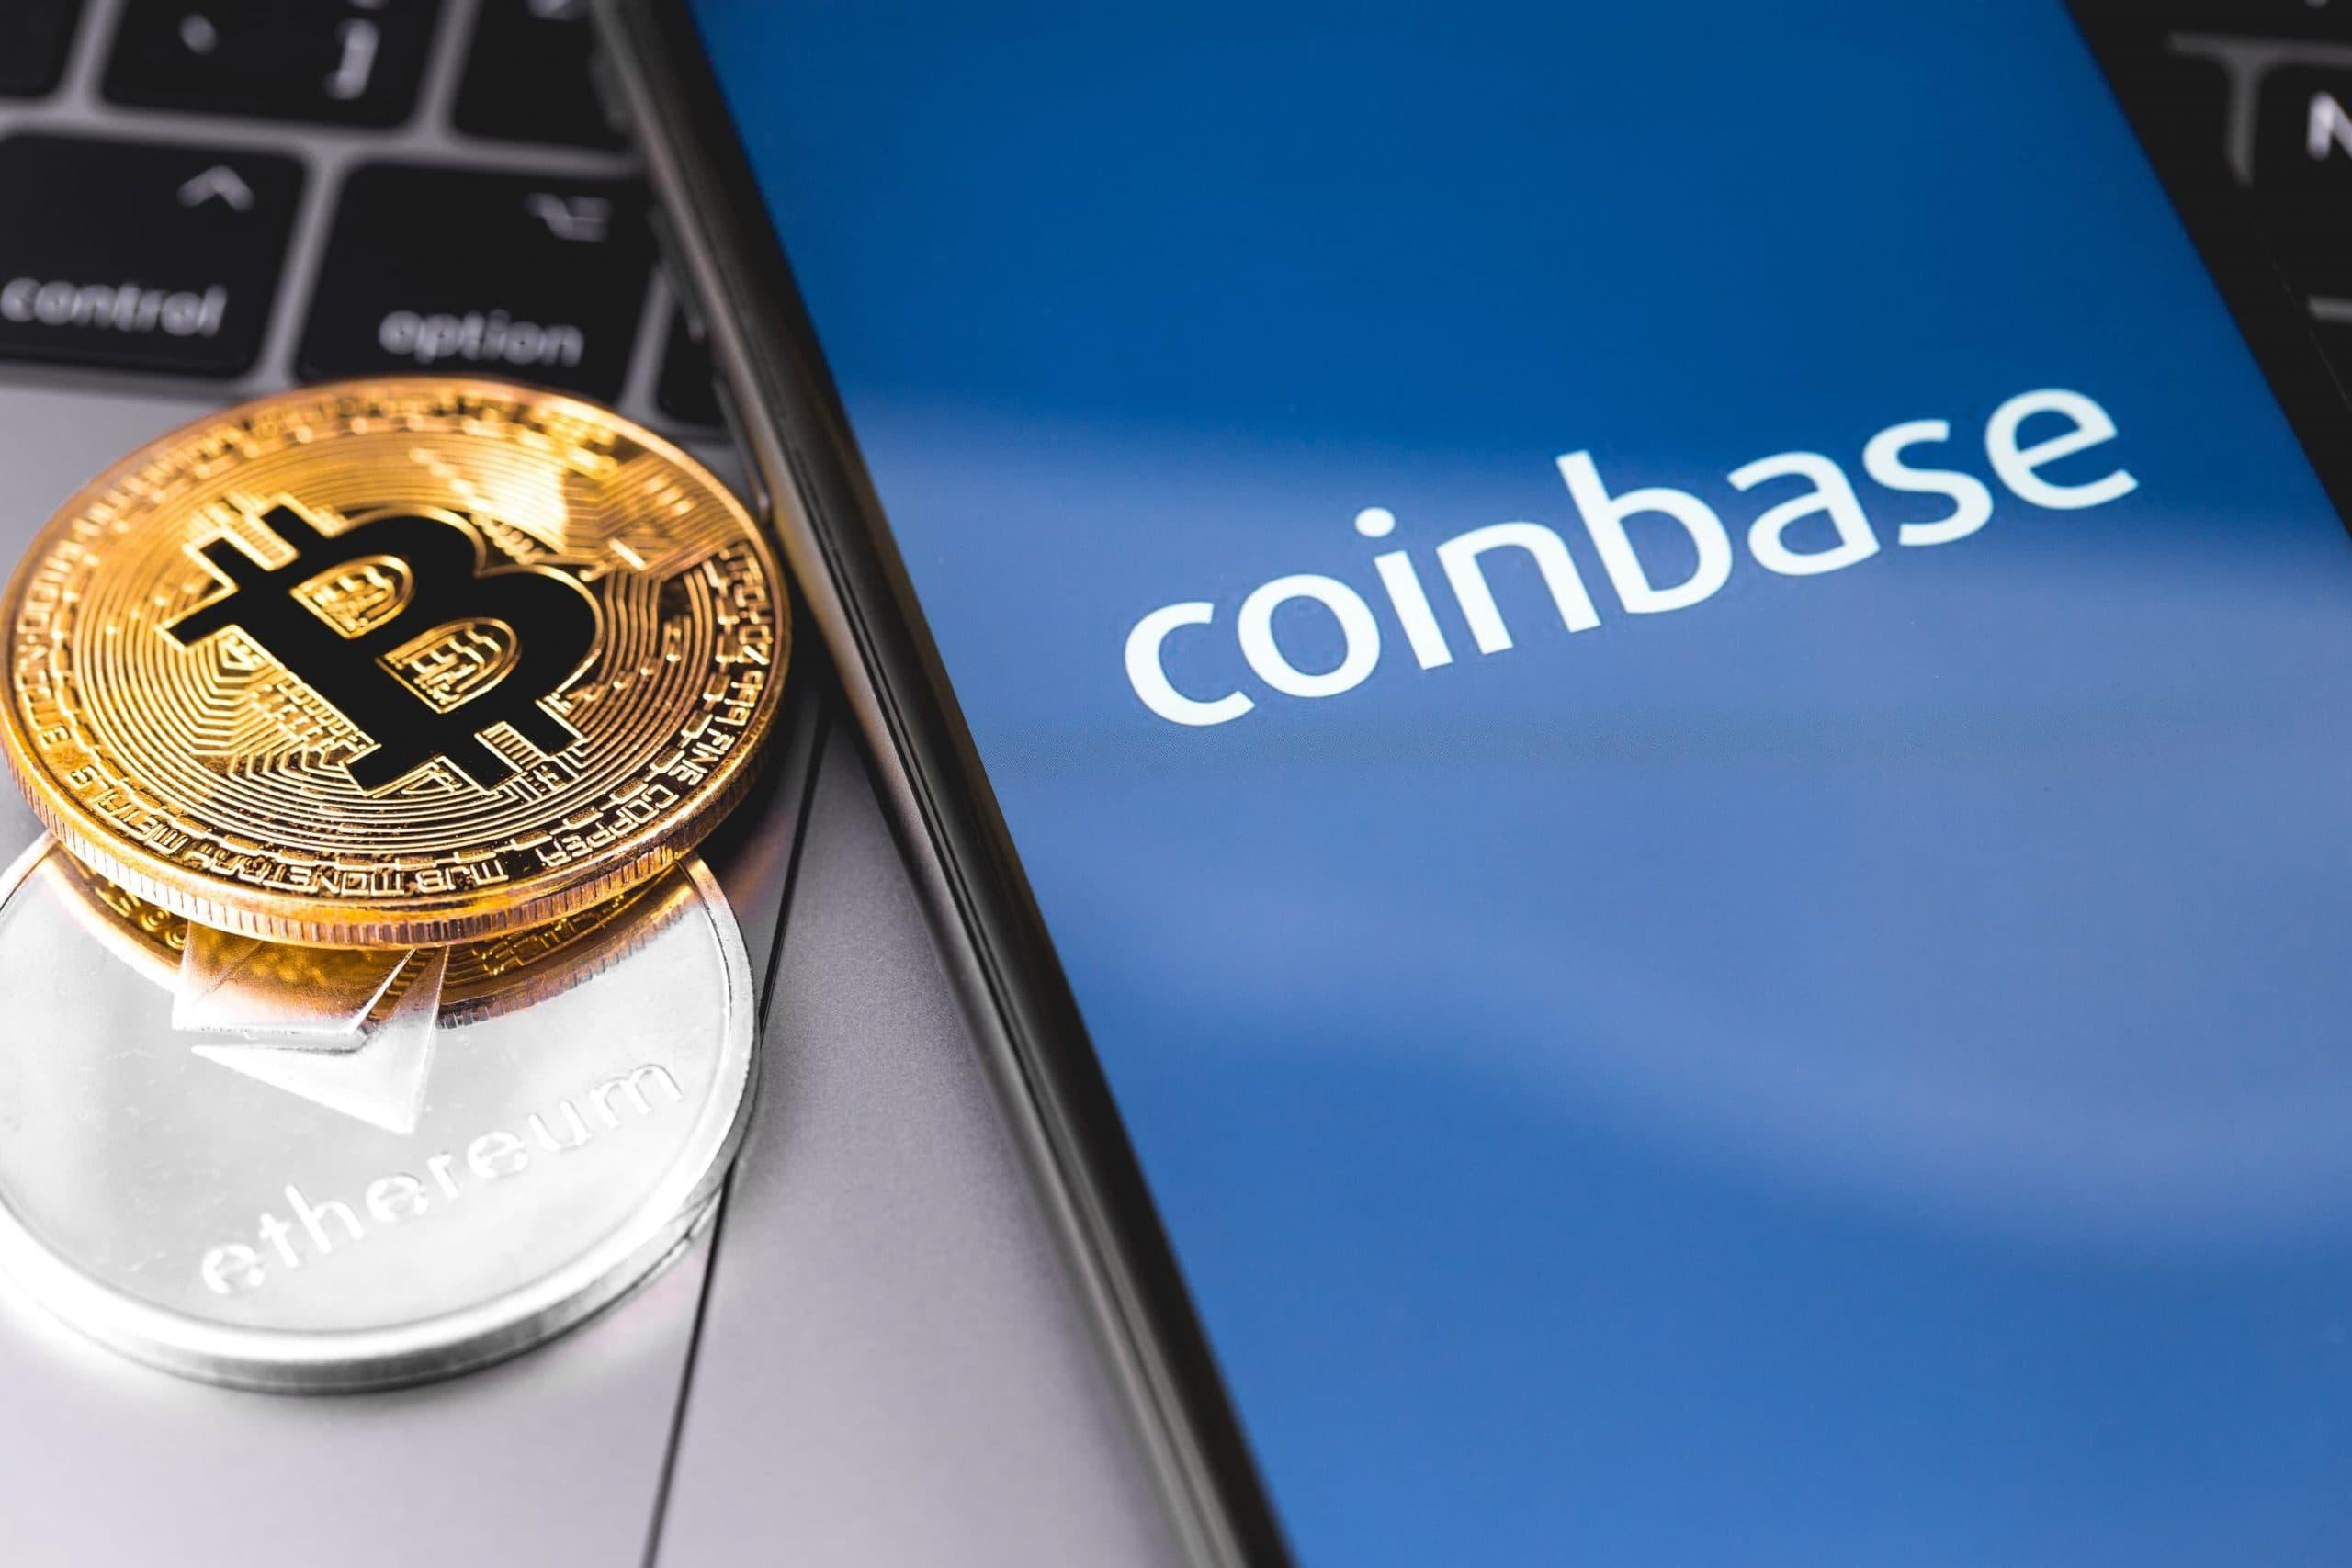 Coinbase Bitcoin IPO